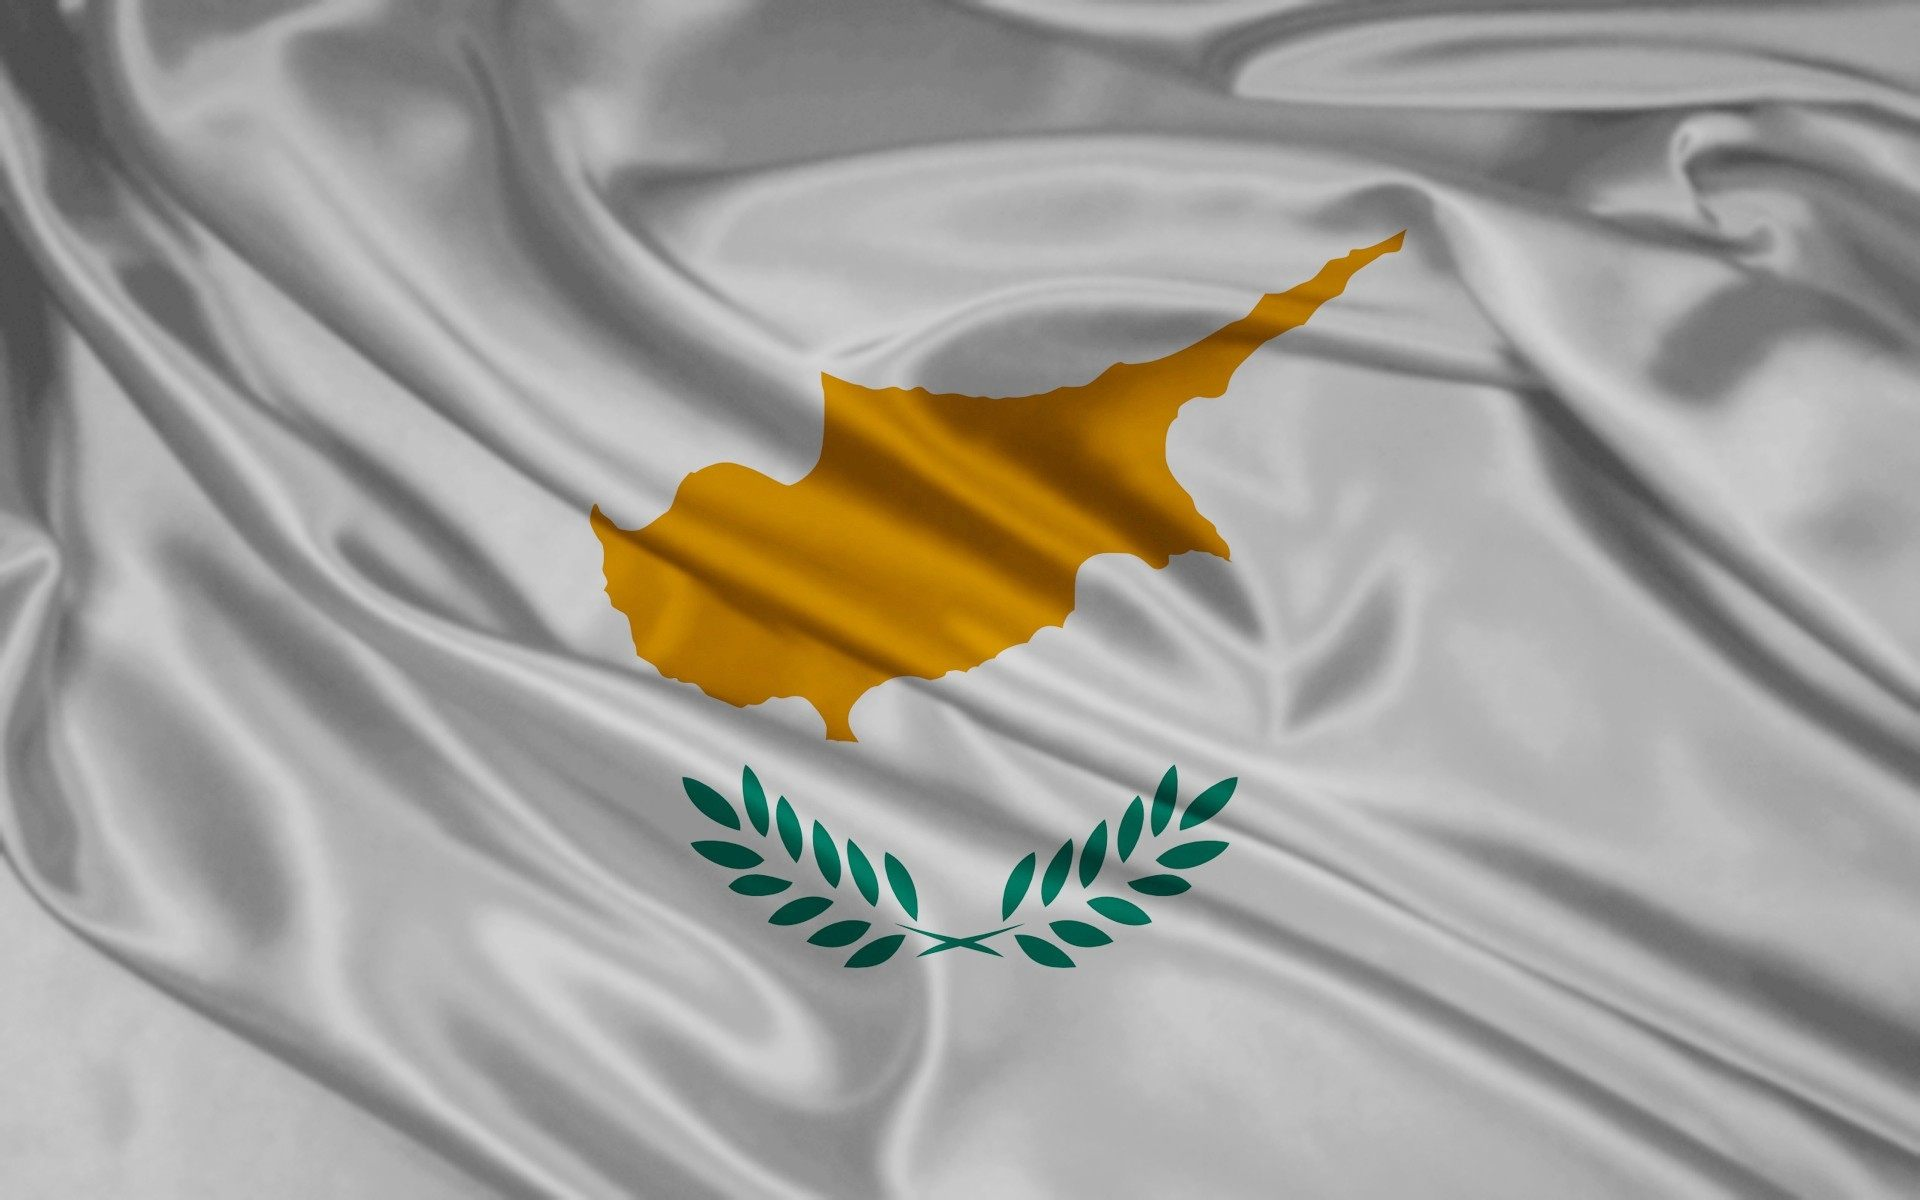 Стоимость медицинской страховки для поездки на Кипр